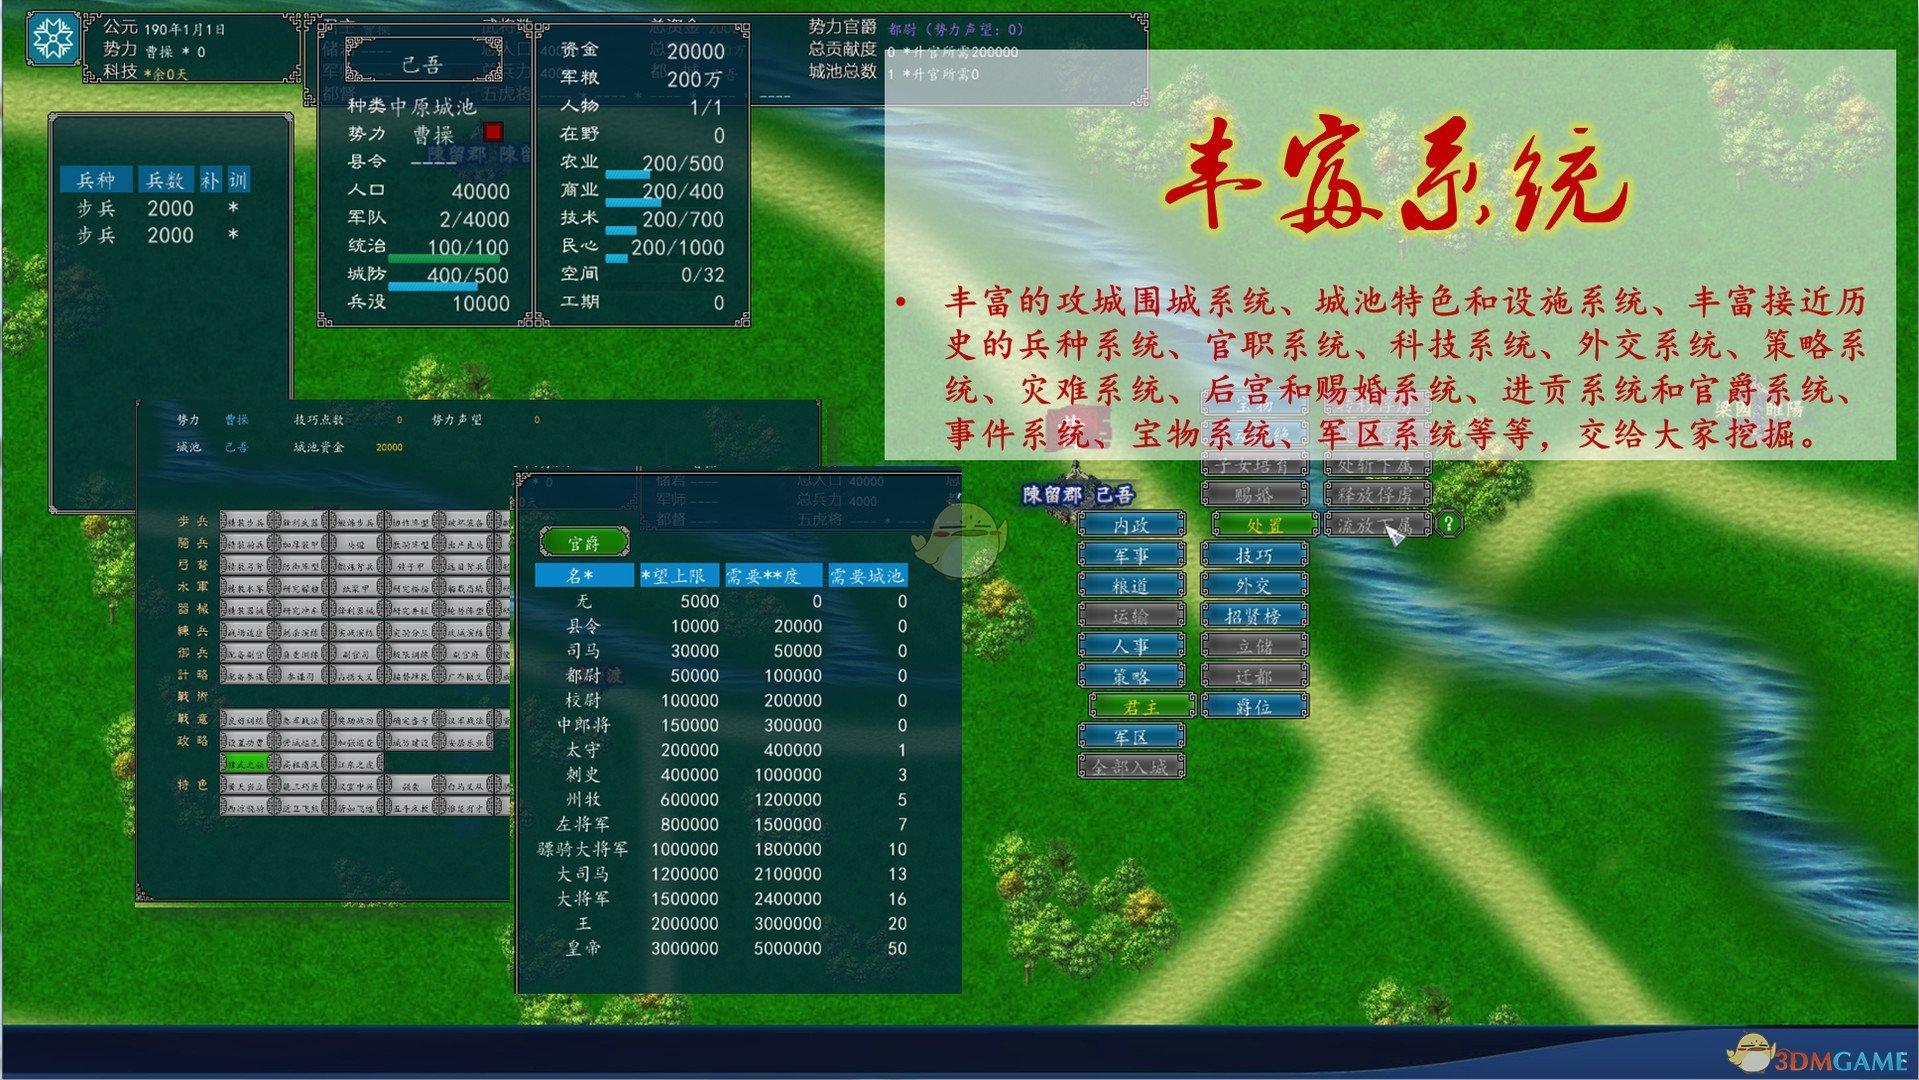 《中华三国志》中问号的作用介绍